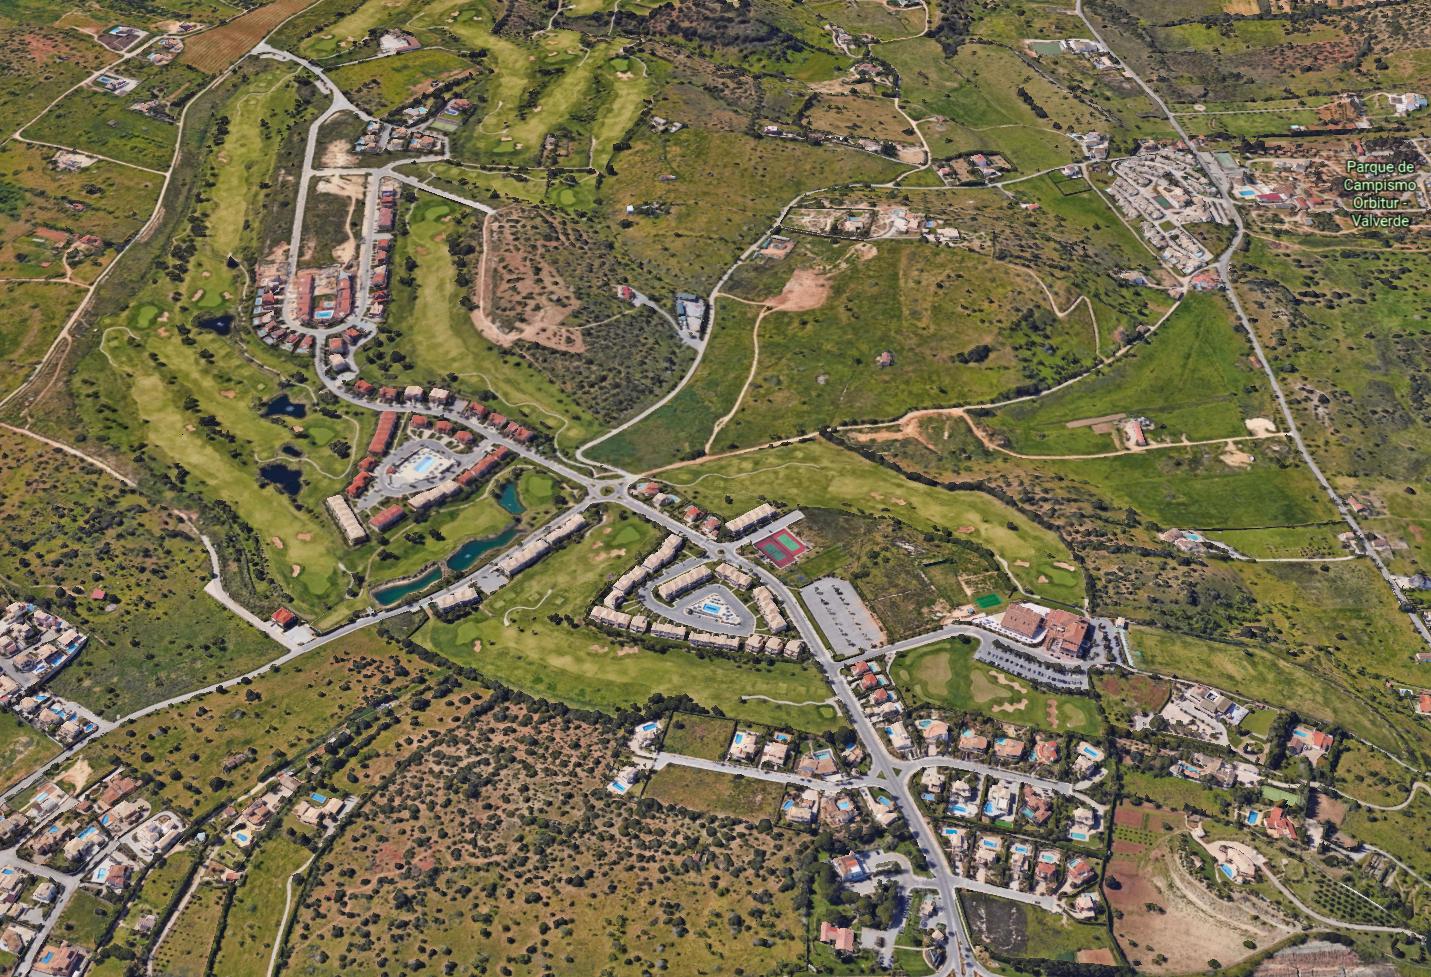 32+ Boavista golf spa resort lagos portugal information